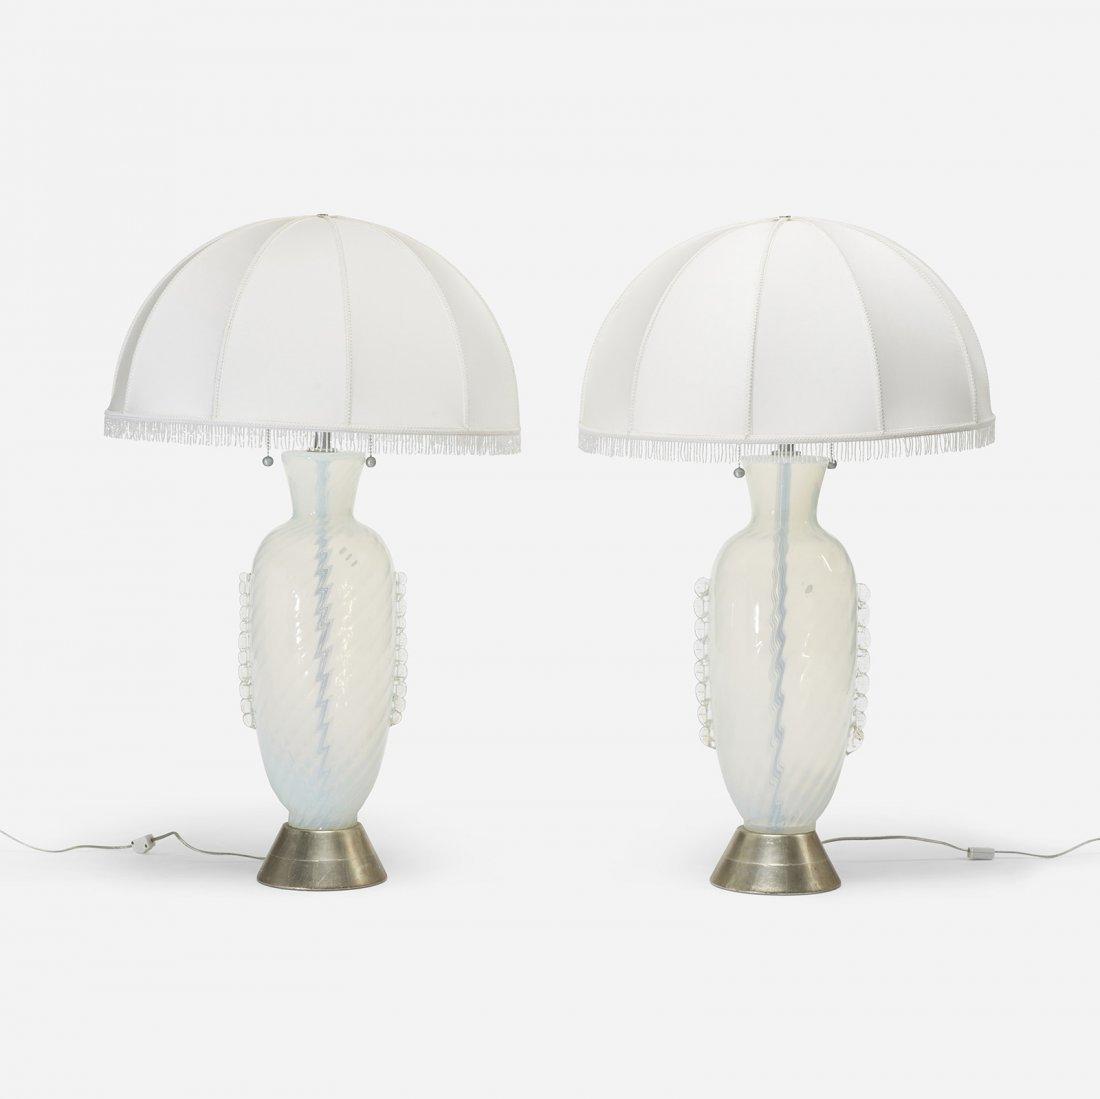 Italian table lamps, pair